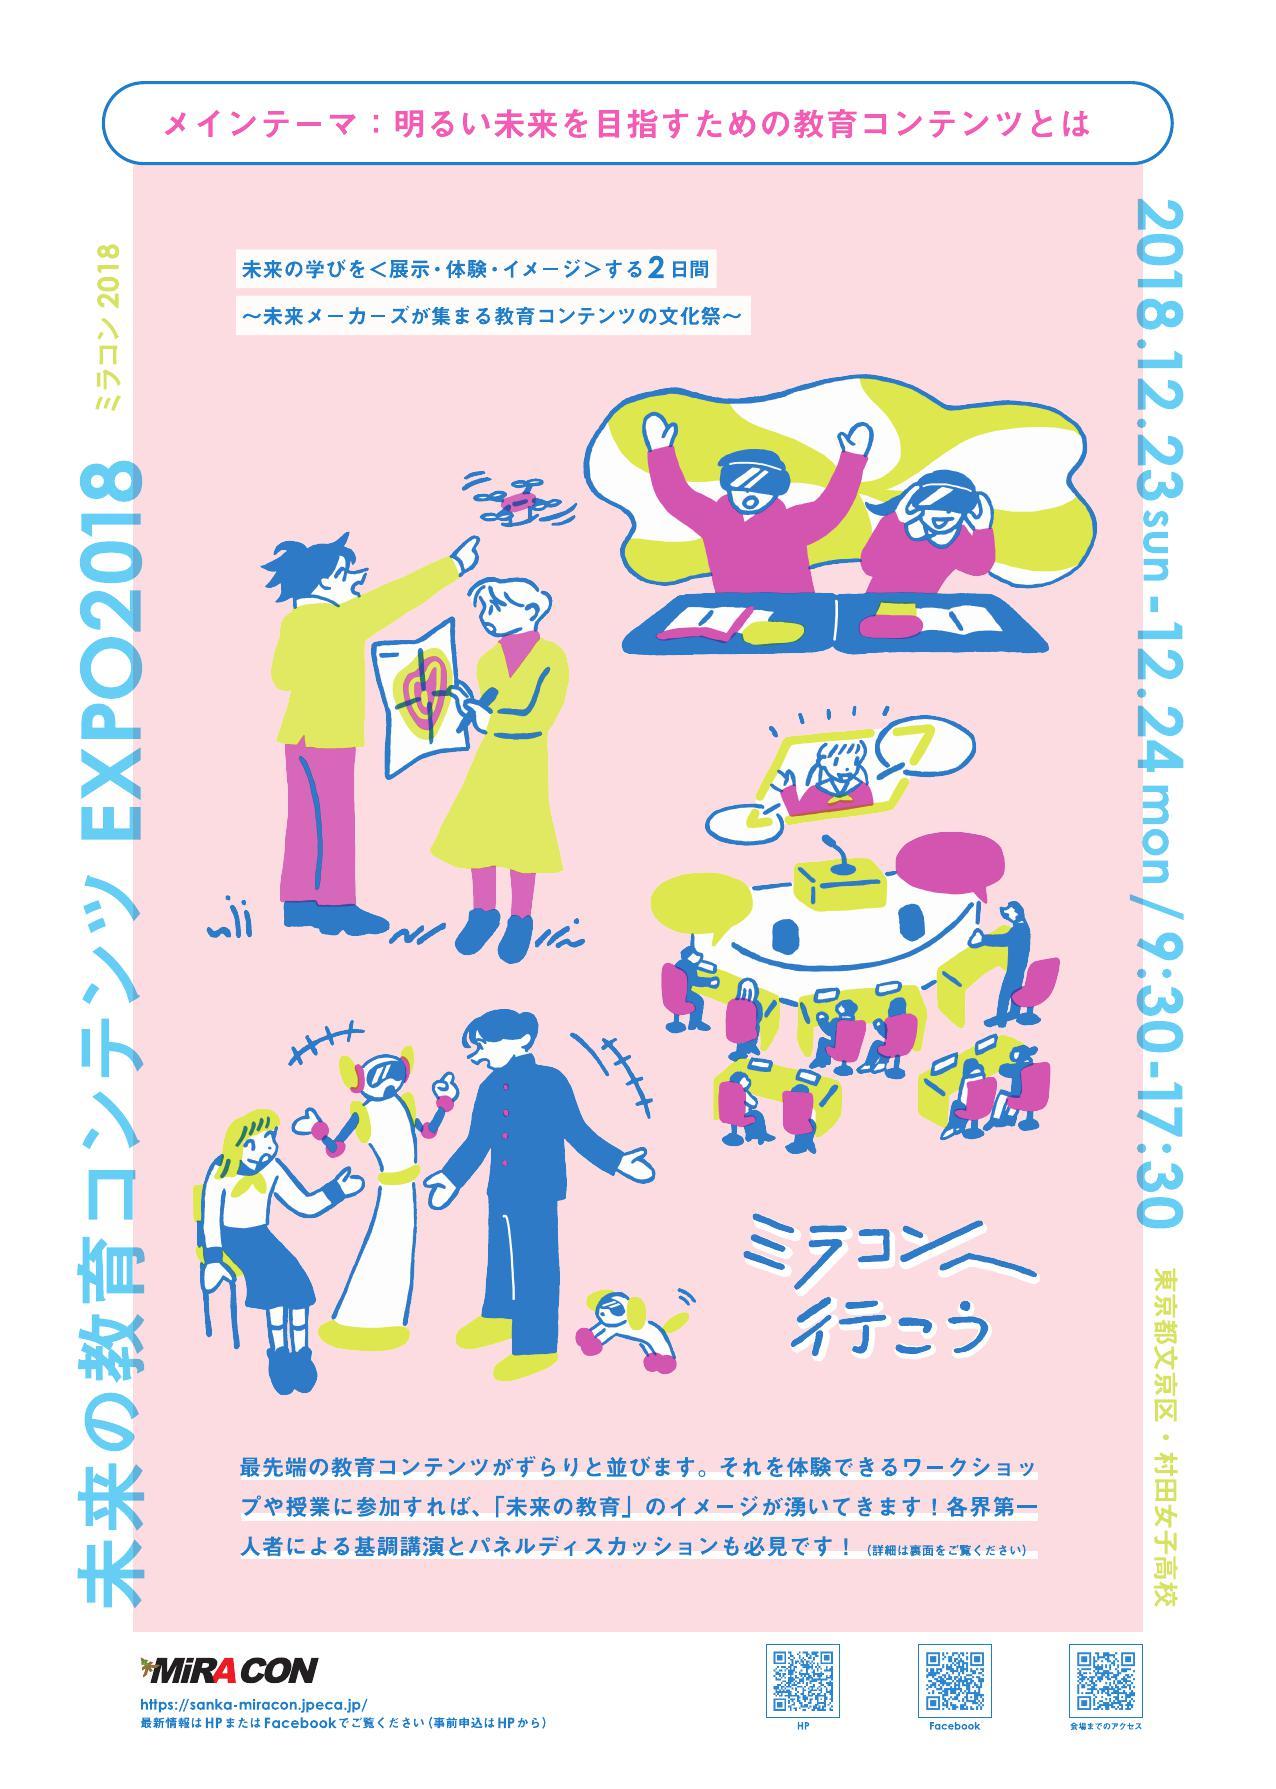 ミラコン〜未来の教育コンテンツEXPO2018〜